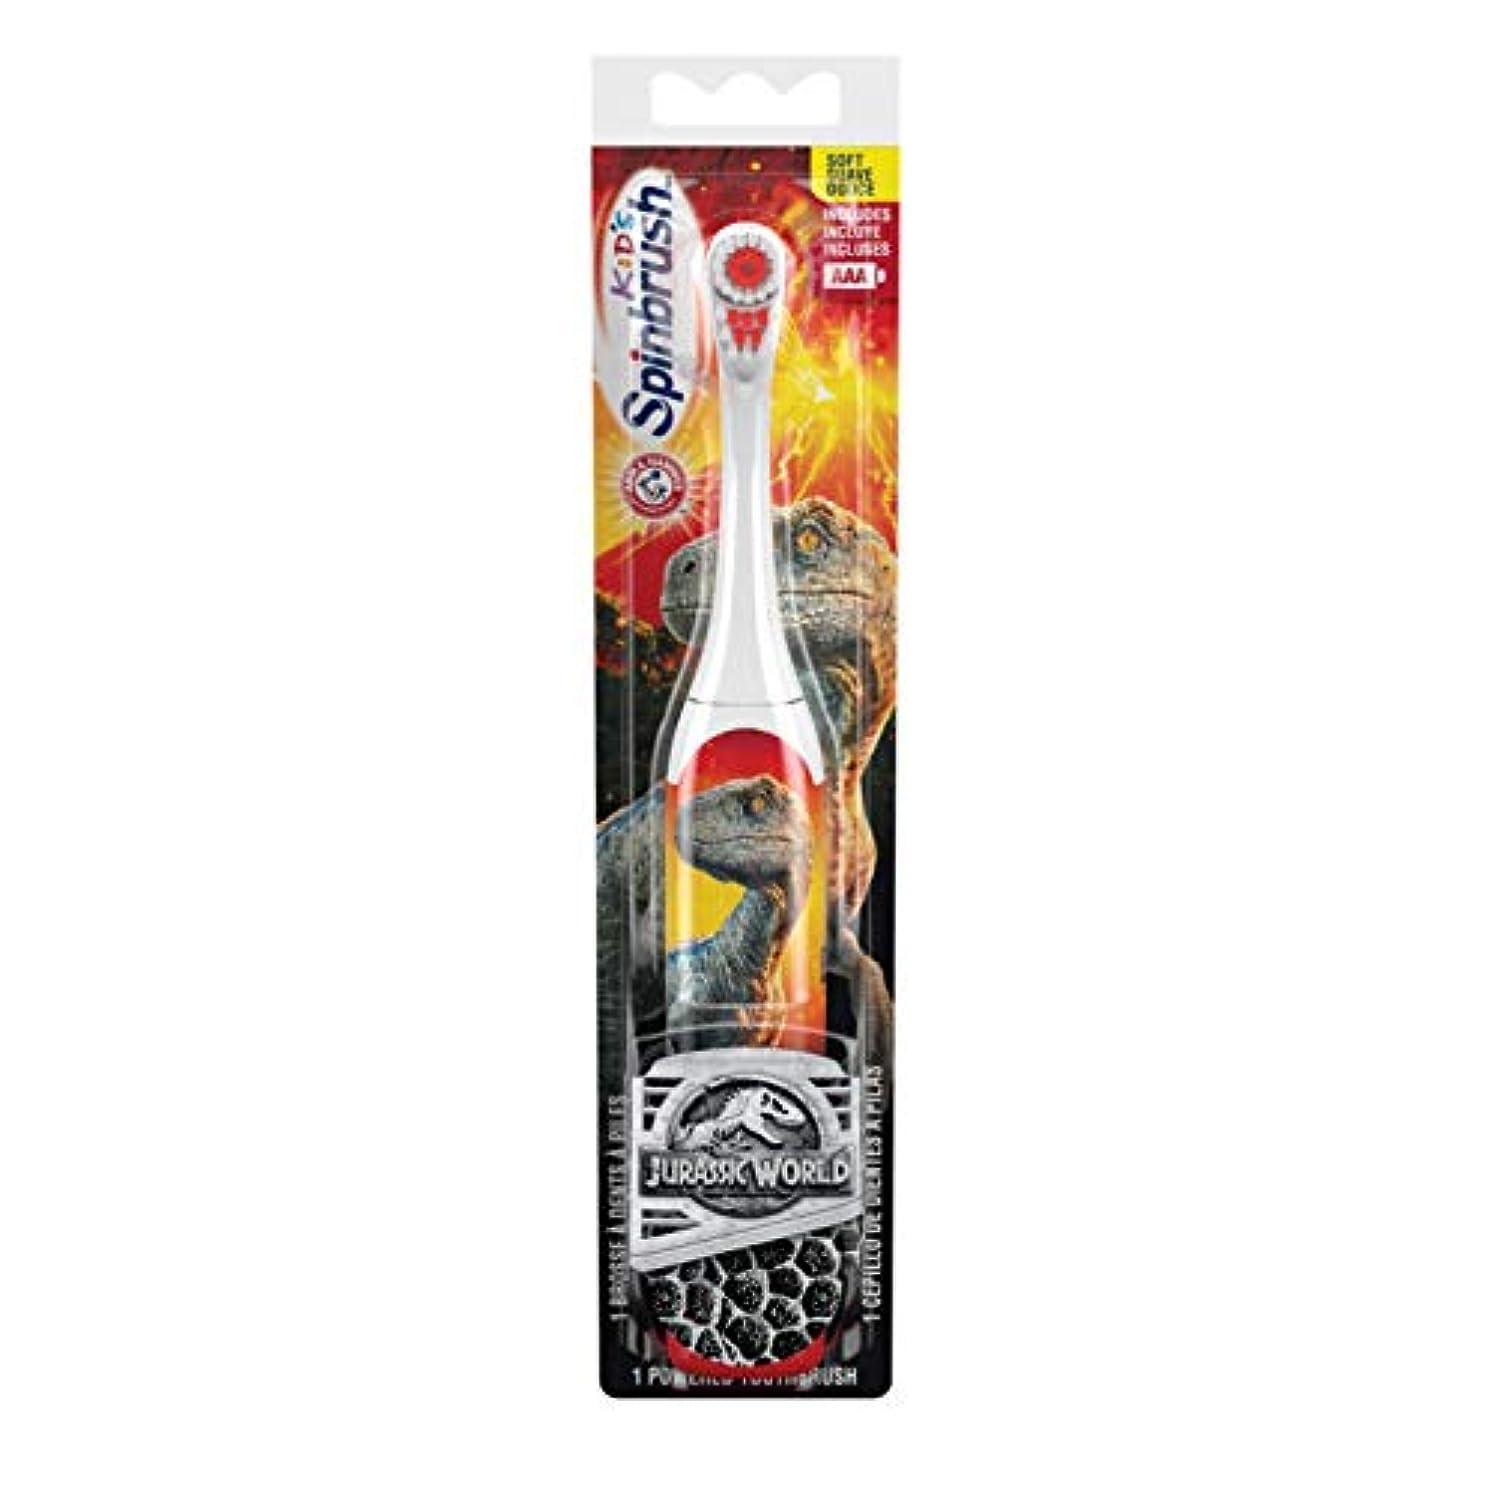 引き出す代わりに深遠海外直送品 お子様用ジェラシックワールド電動歯ブラシ 〈ソフト〉 ARM & HAMMER™ Spinbrush™ Jurrassic World 1 Powerd Thoothblash Soft